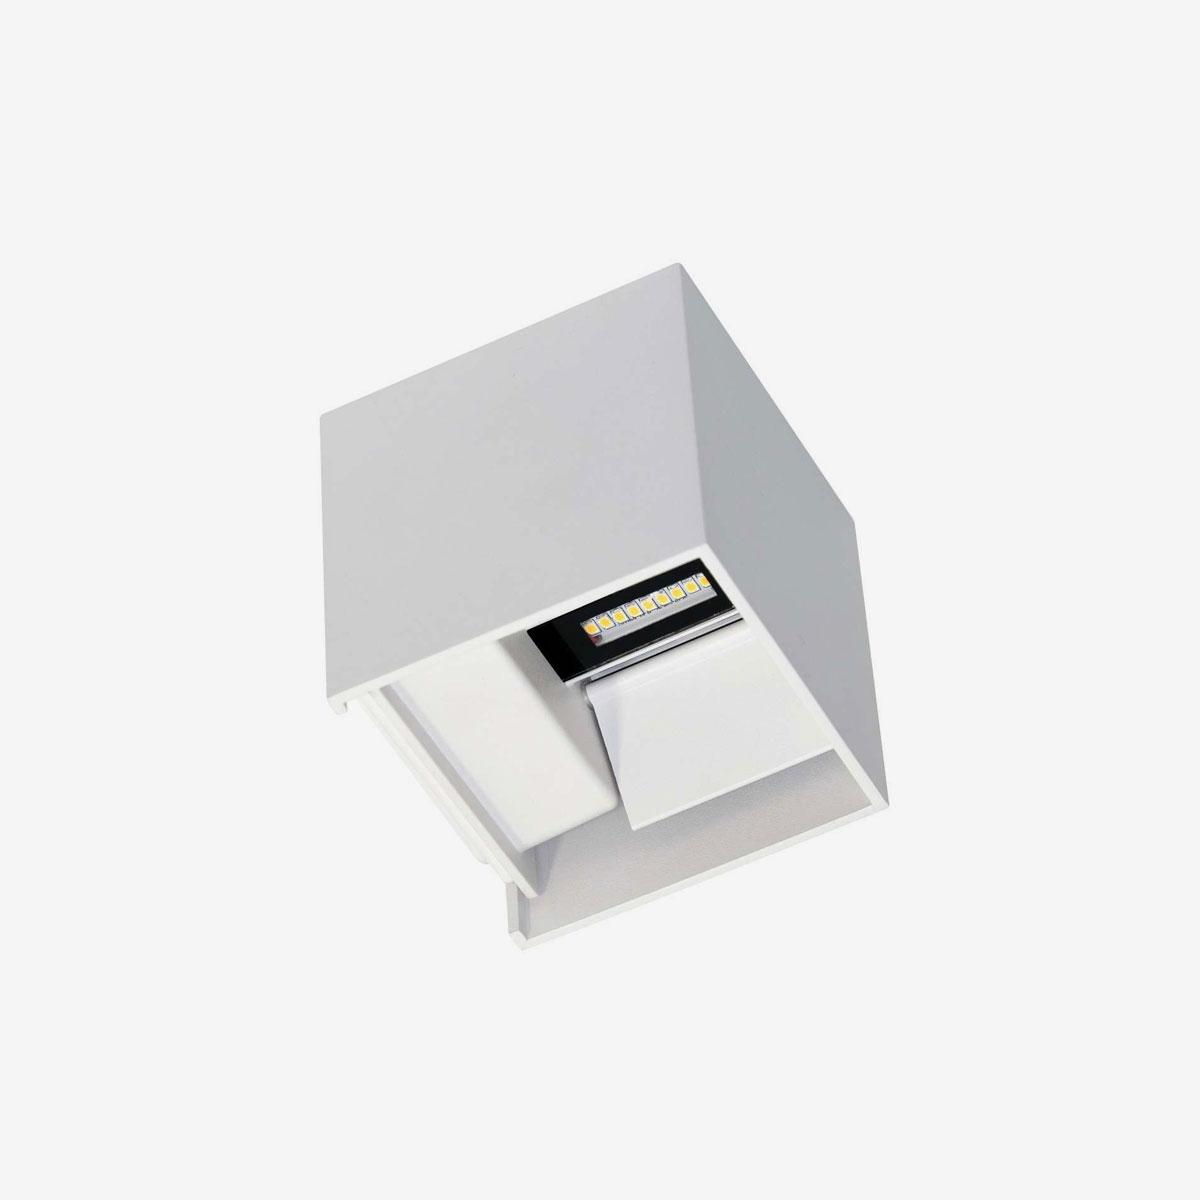 Aplique LED decorativo exterior blanco